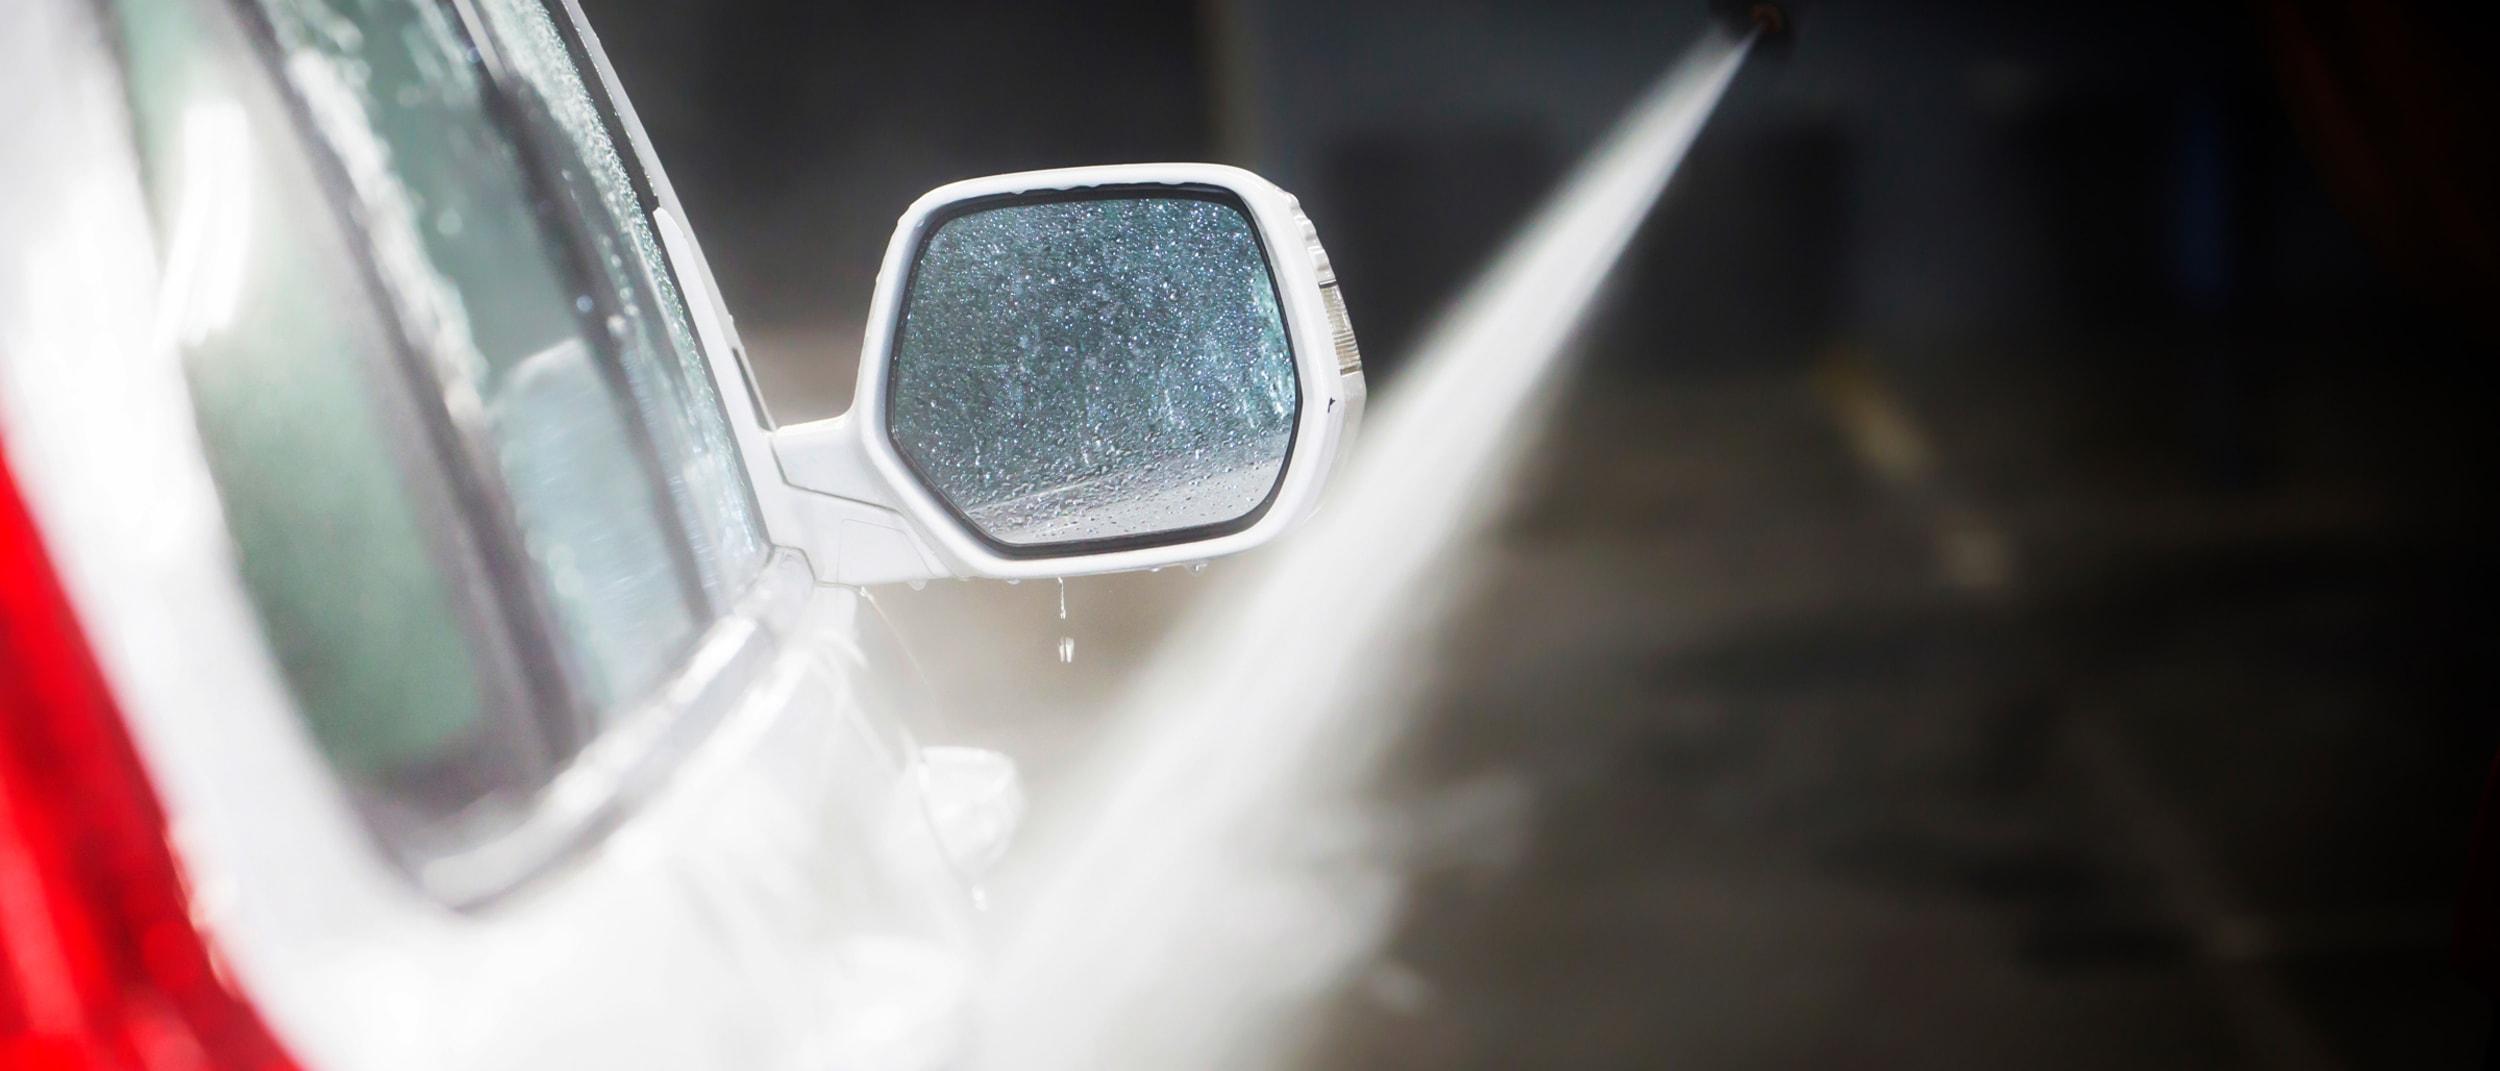 Star Car Wash: $10 off a platinum wash